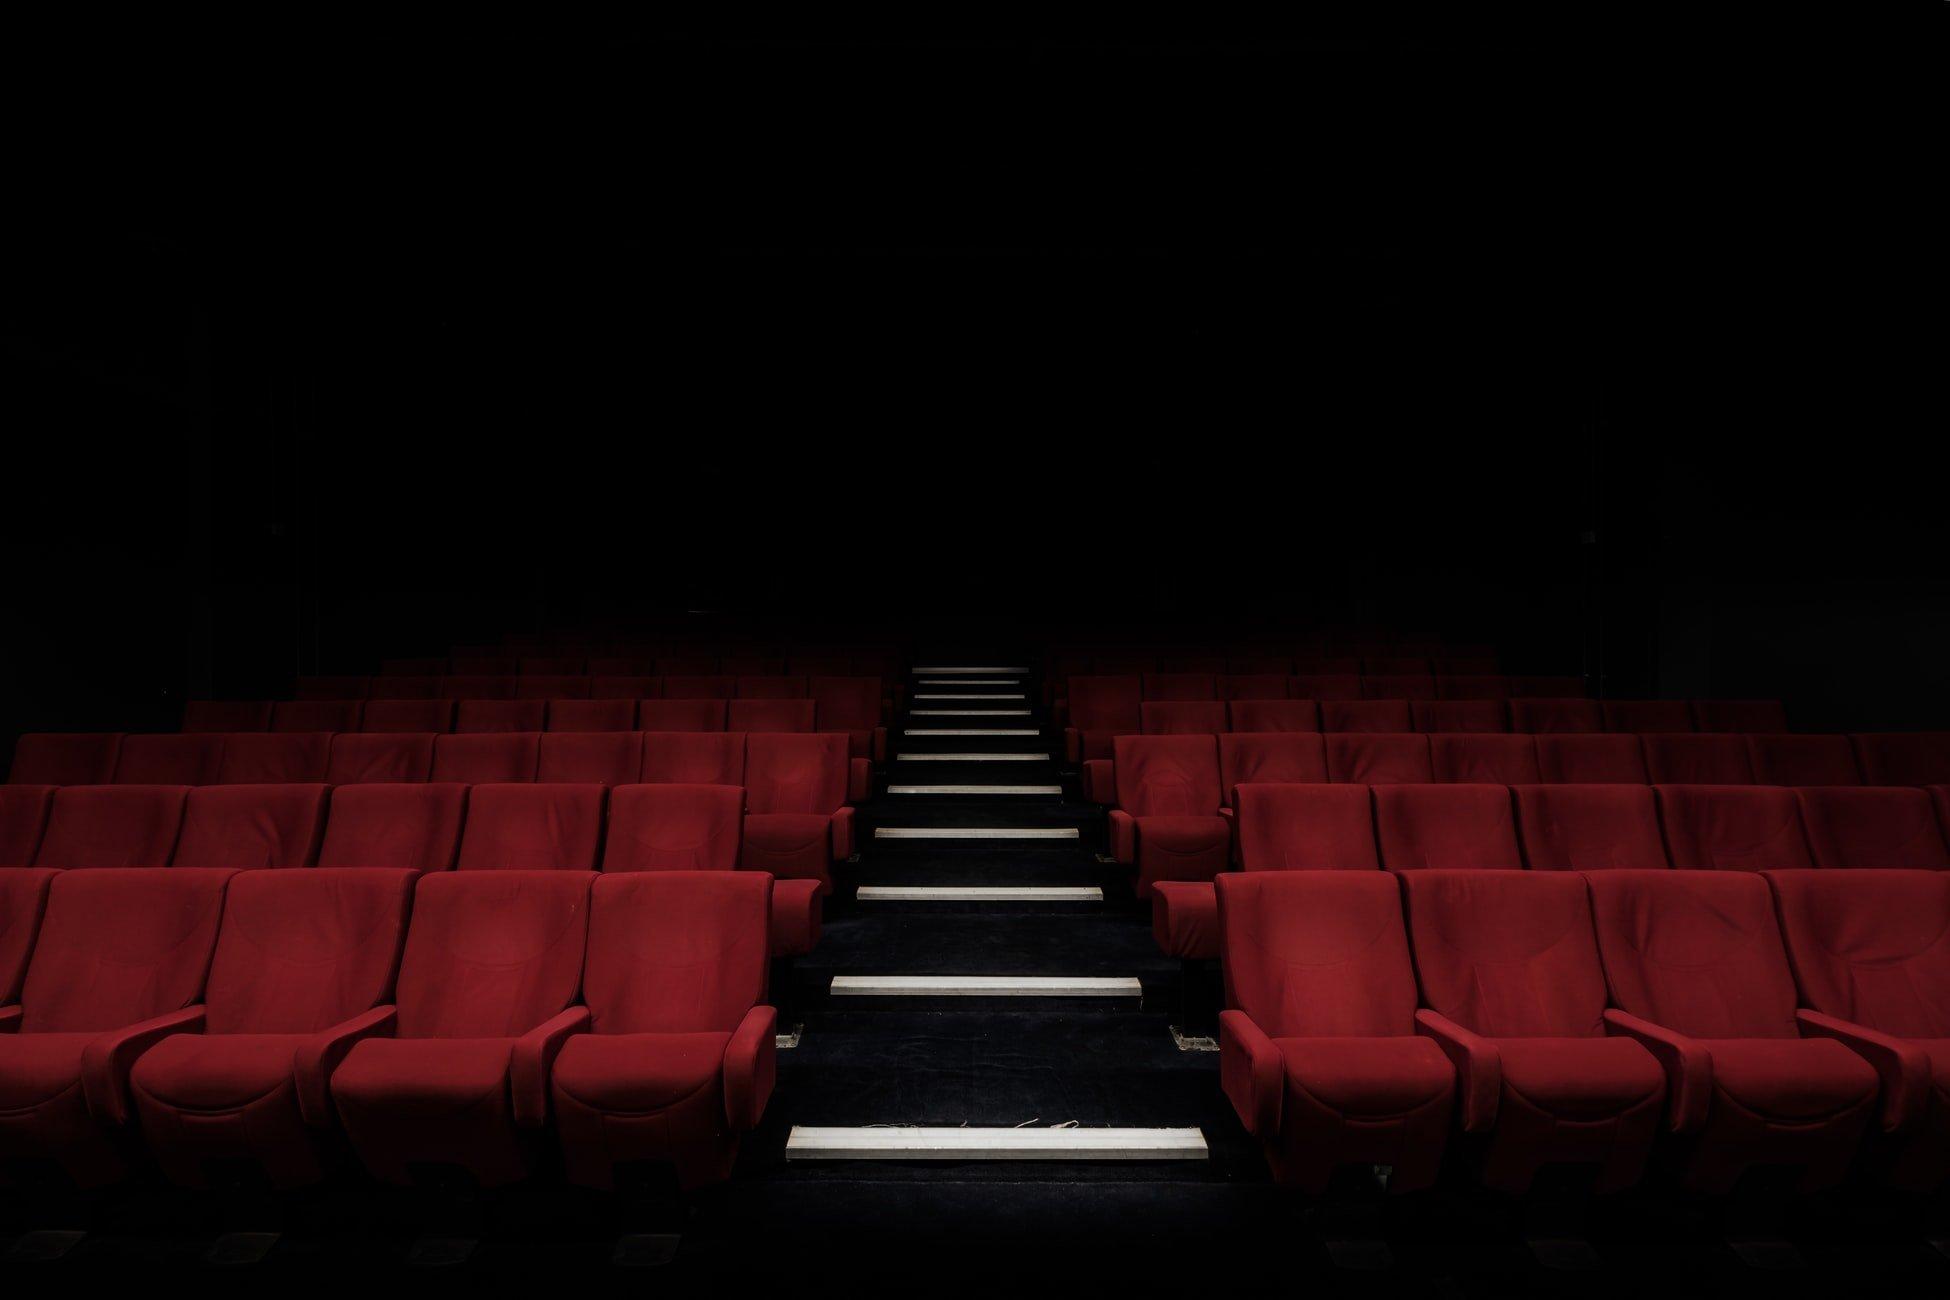 Cinema chiusi fino al 5 marzo 2021: l'ufficialità arriva dal nuovo DPCM